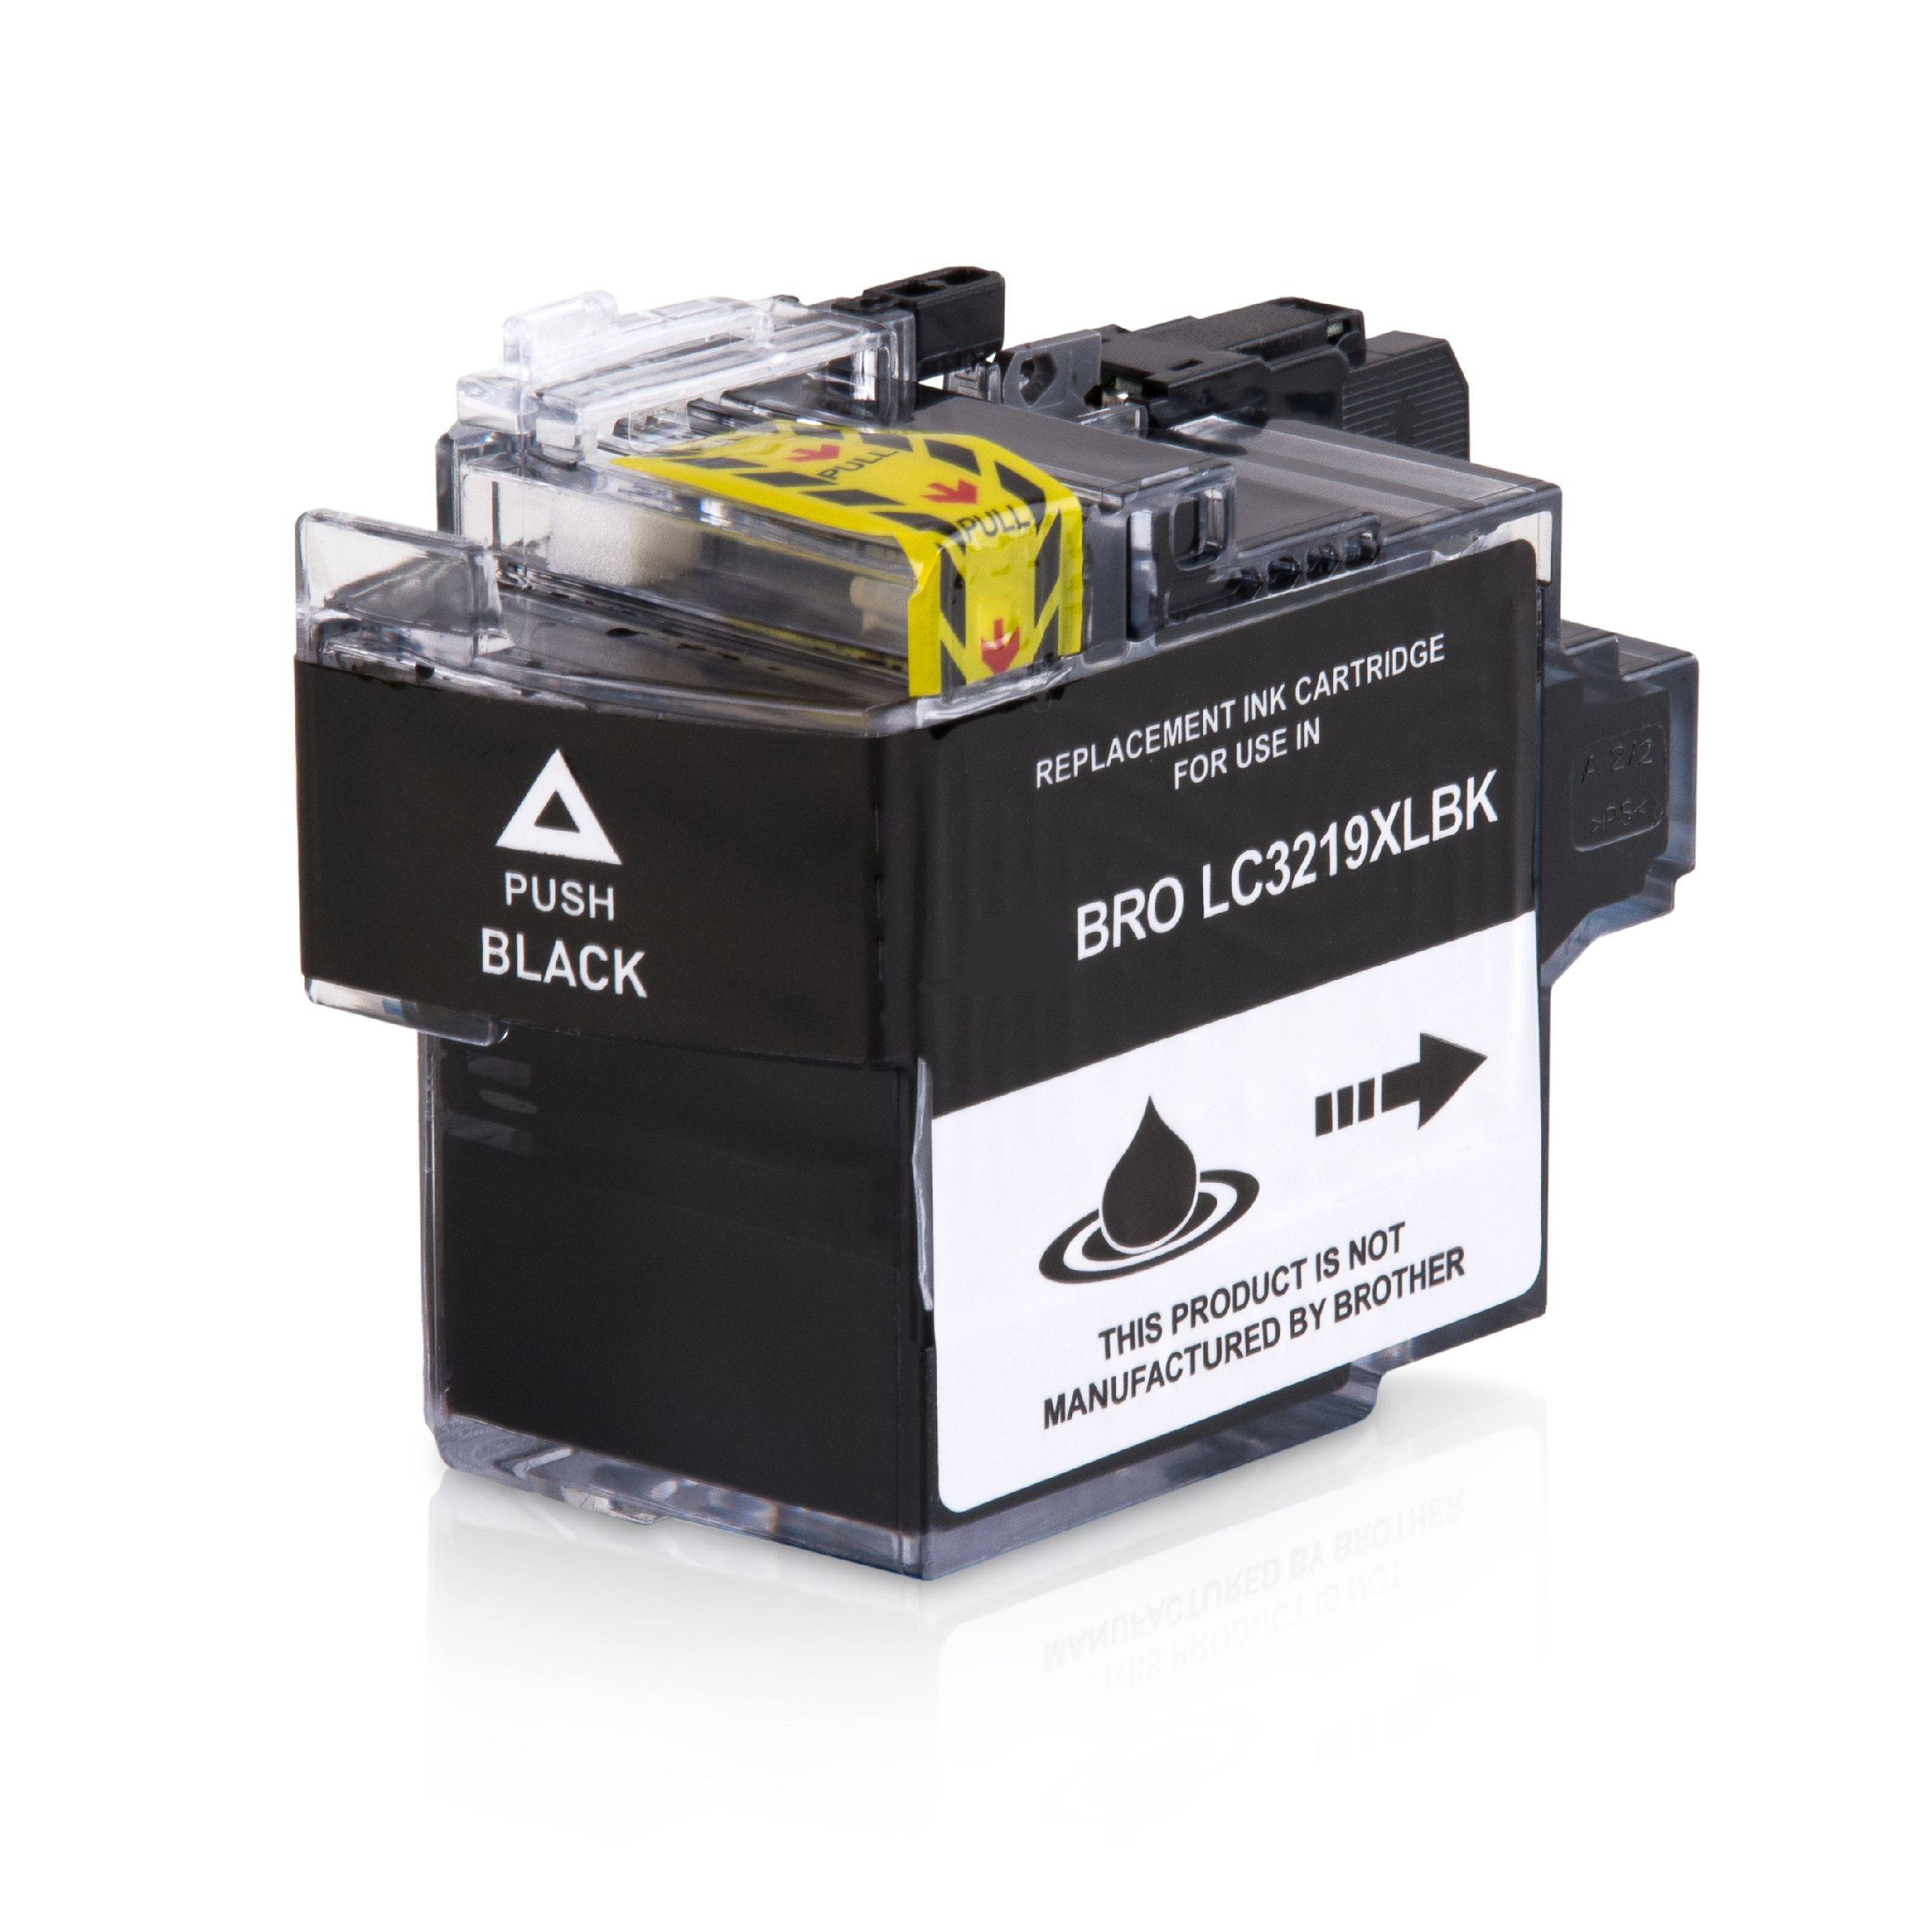 Bild fuer den Artikel IC-BRO3219XLbk: Alternativ-Tinte BROTHER LC-3219XLBK XL-Version in schwarz